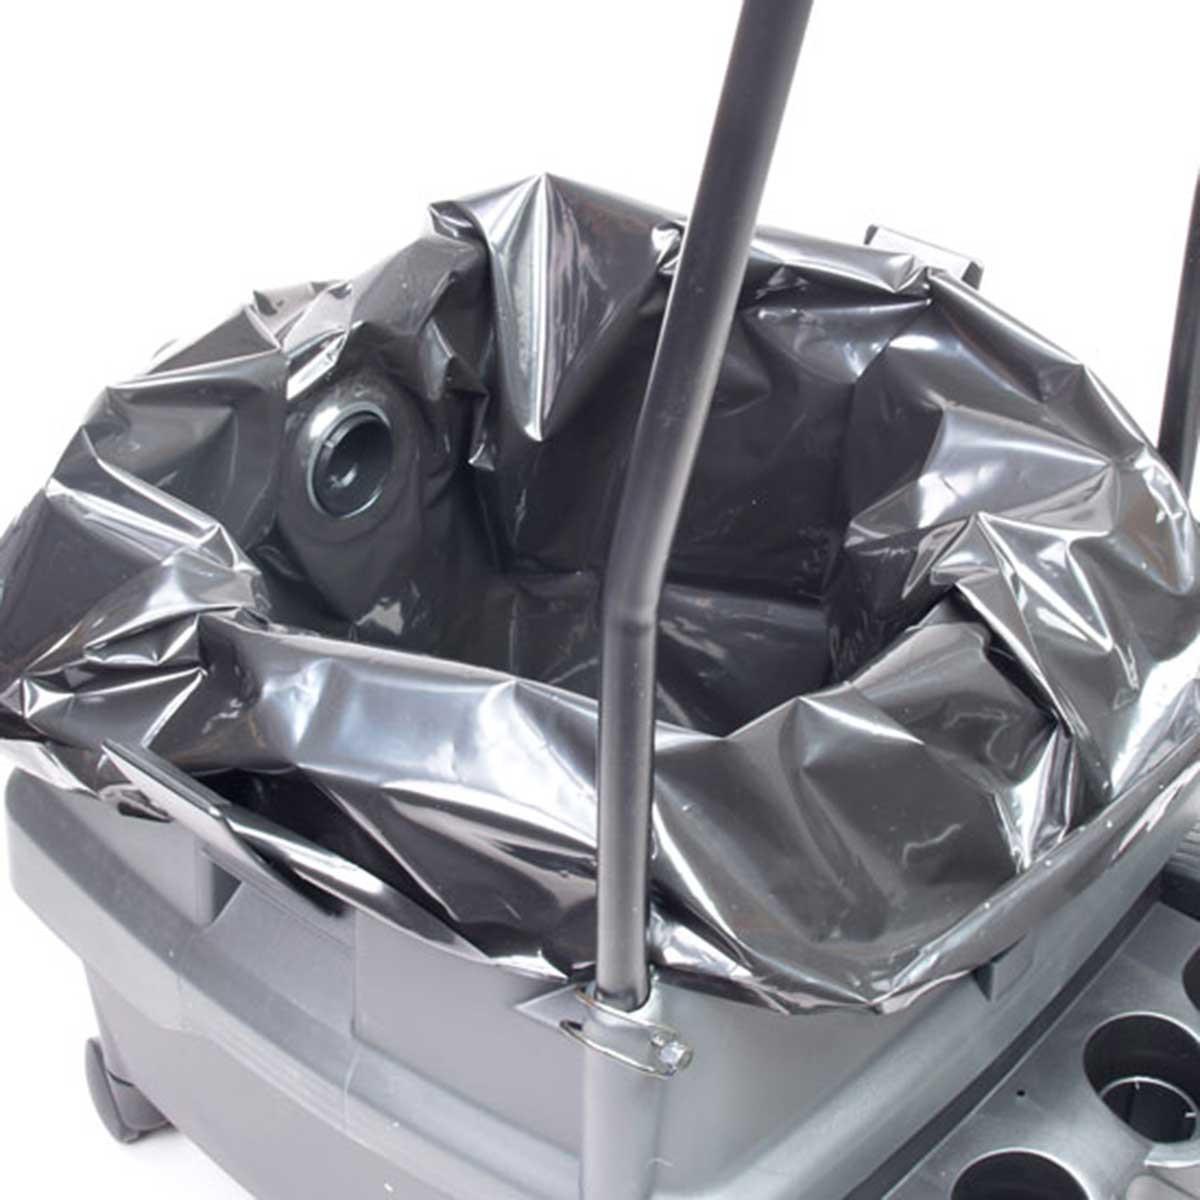 CS1225H Replacement Bag Filter